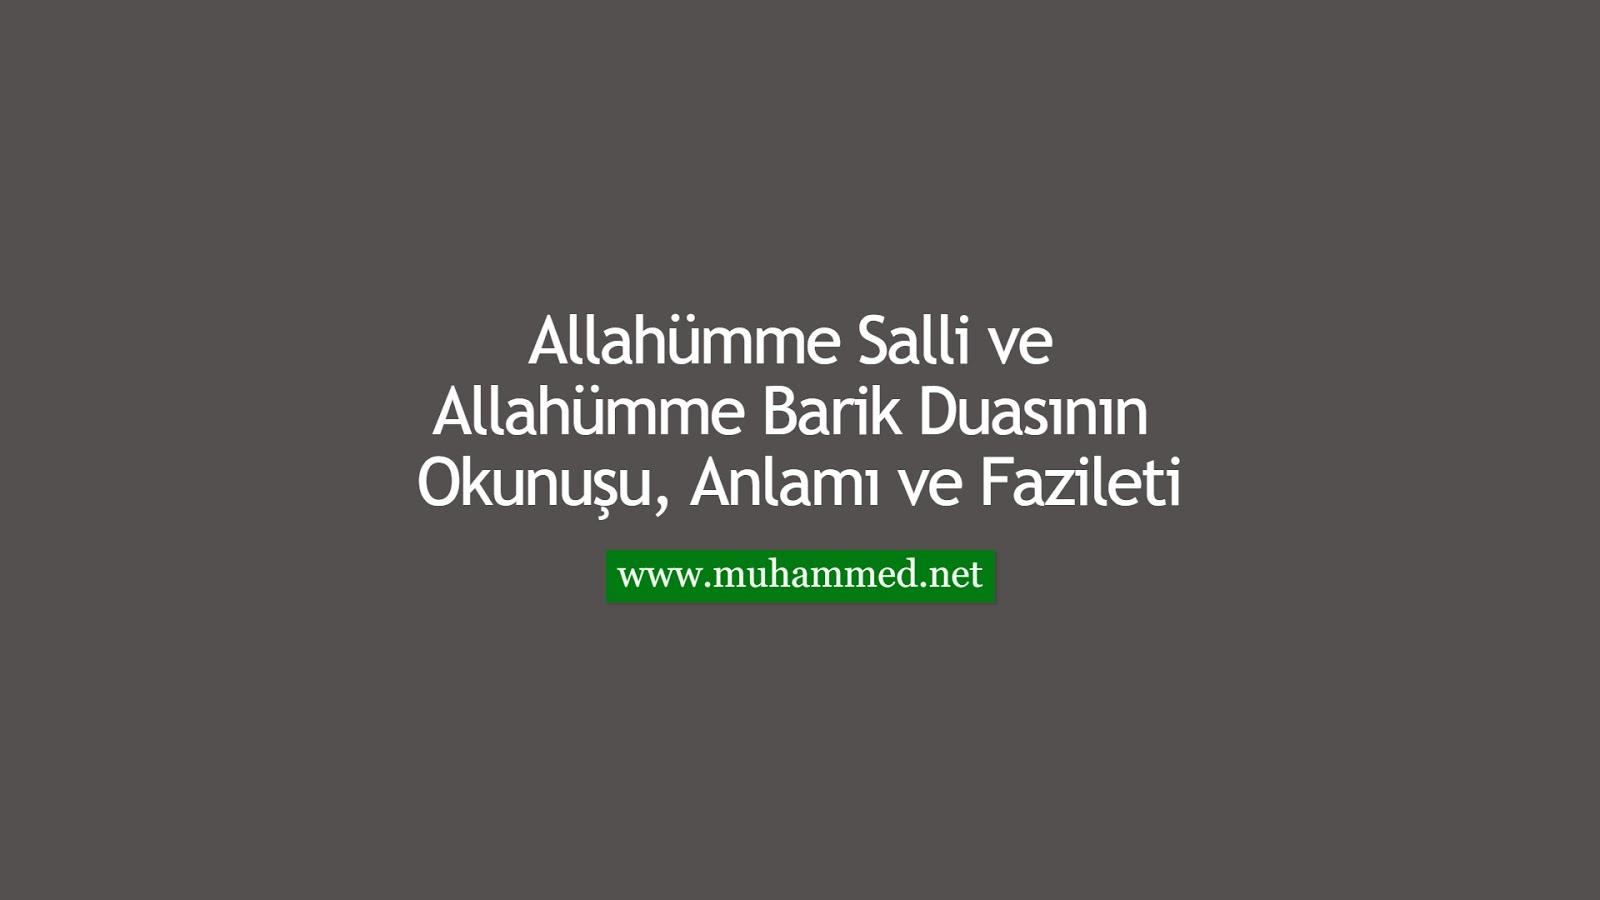 Allahümme Salli ve Allahümme Barik Duasının Okunuşu, Anlamı ve Fazileti